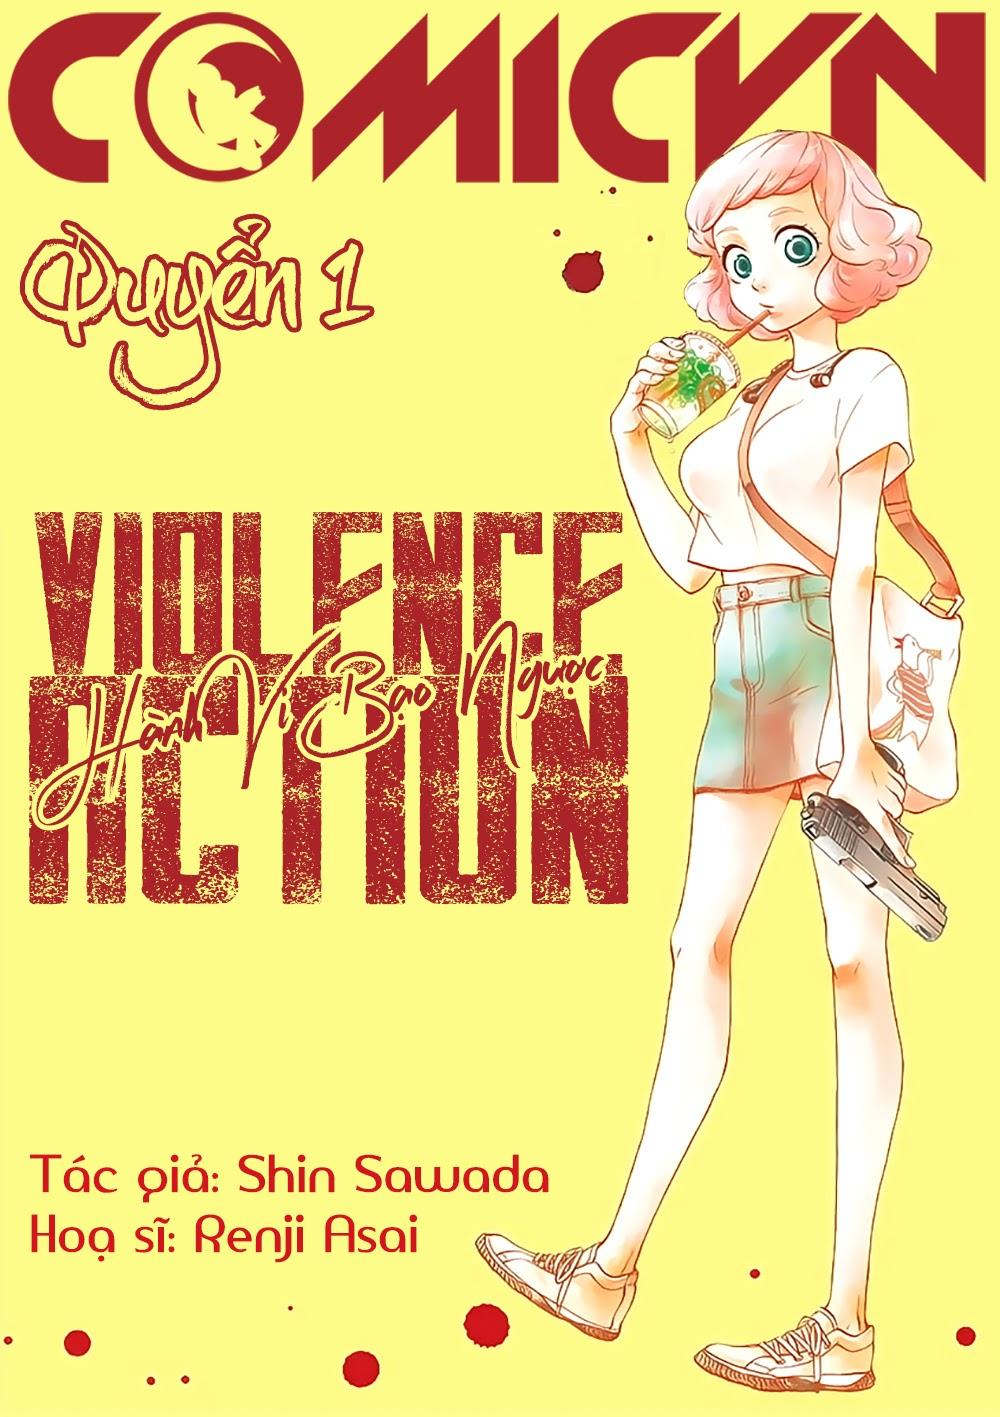 Hành Vi Bạo Ngược - Violence Action